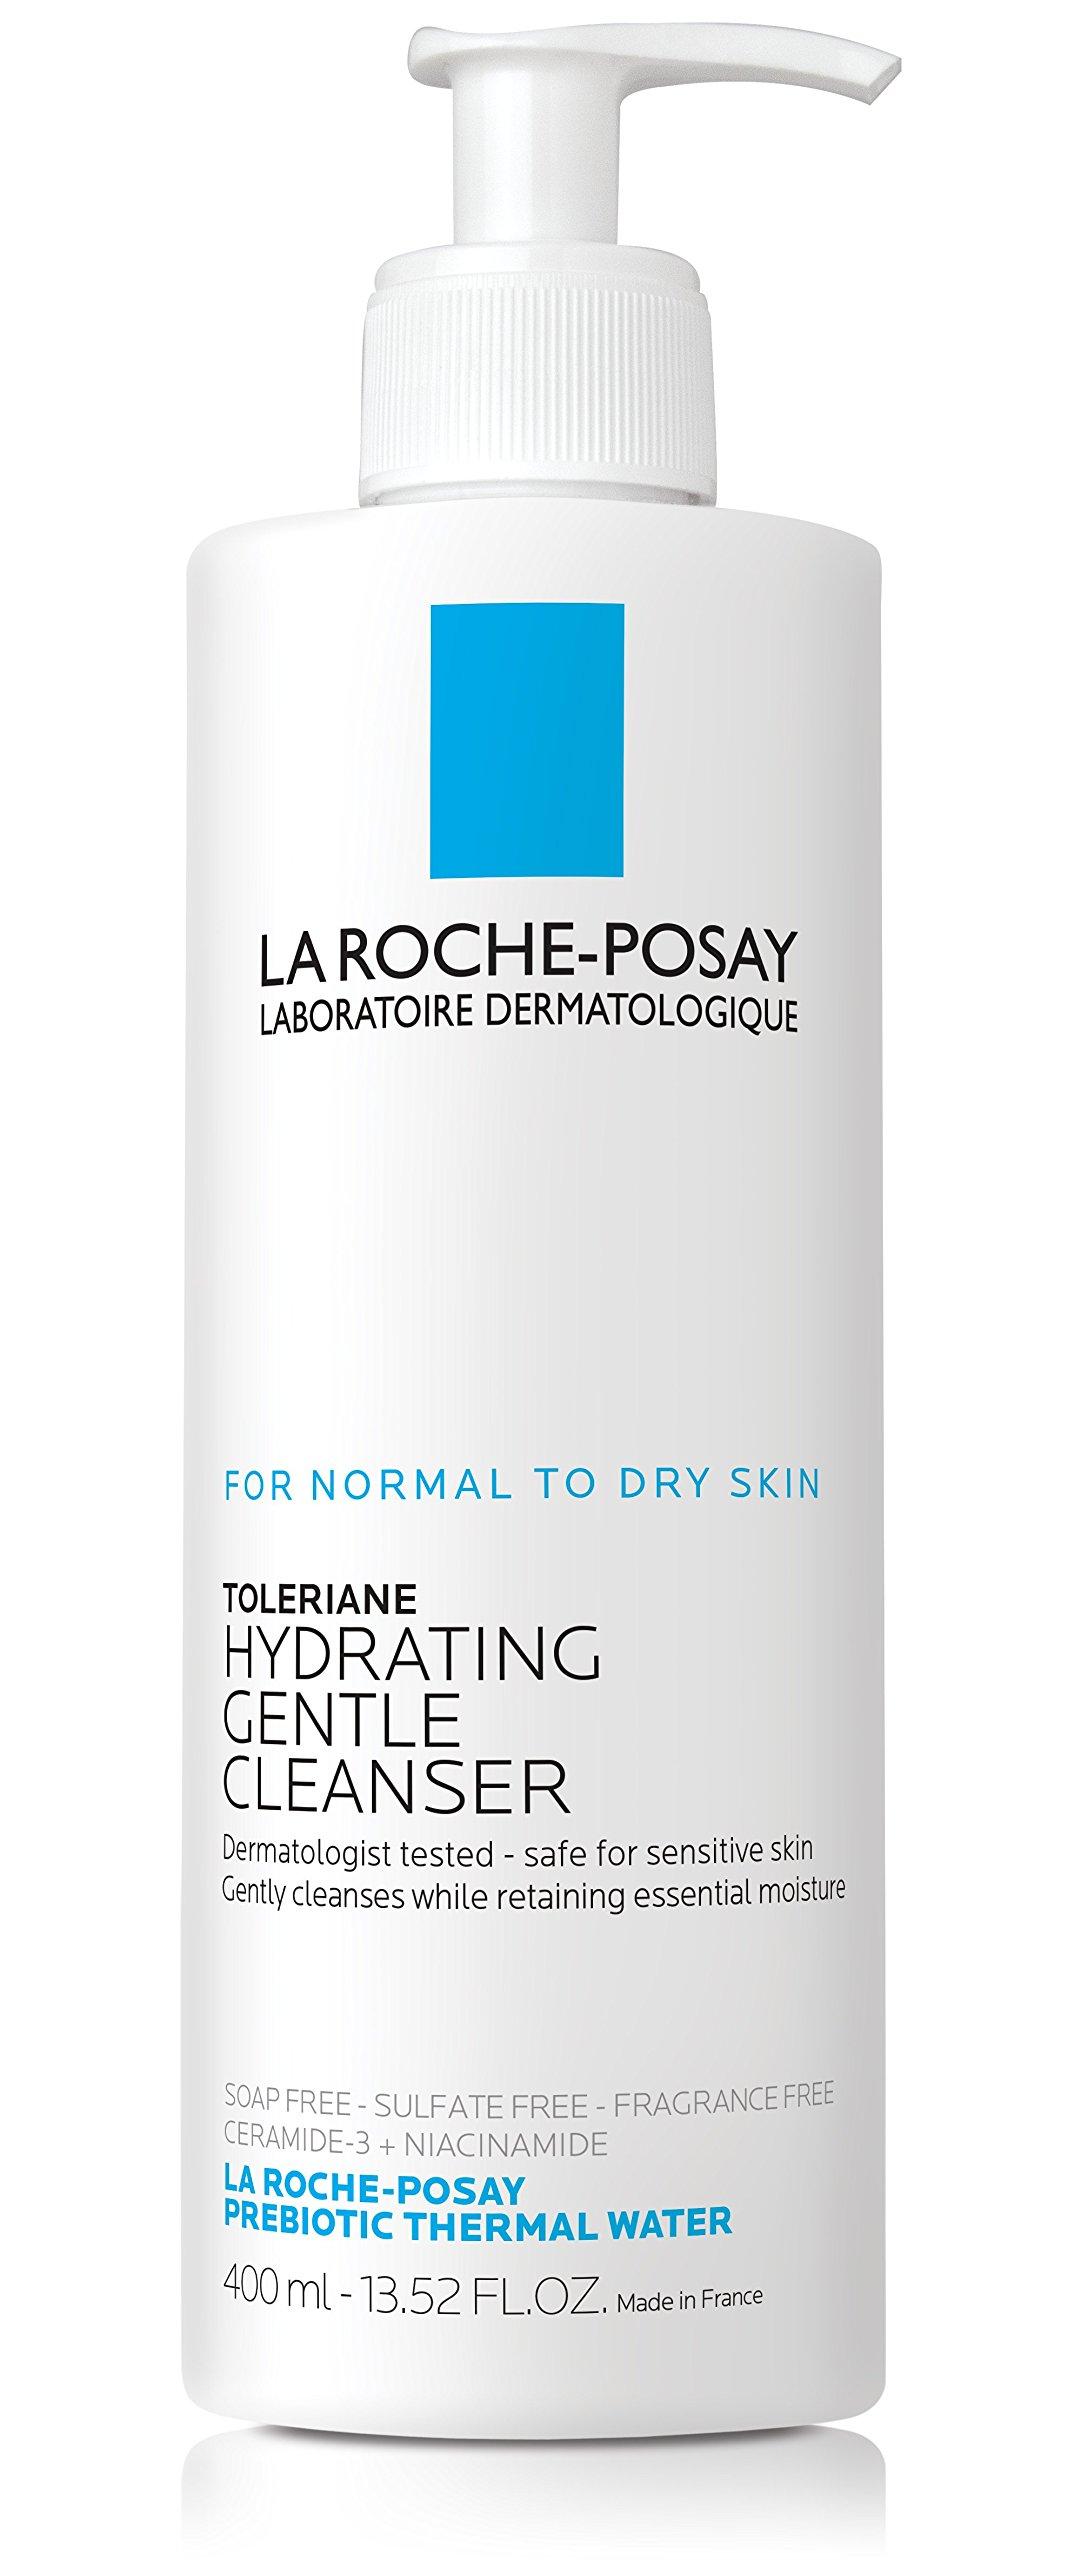 La Roche-Posay Toleriane Hydrating Gentle Cleanser, 13.52 Fl. Oz. by La Roche-Posay